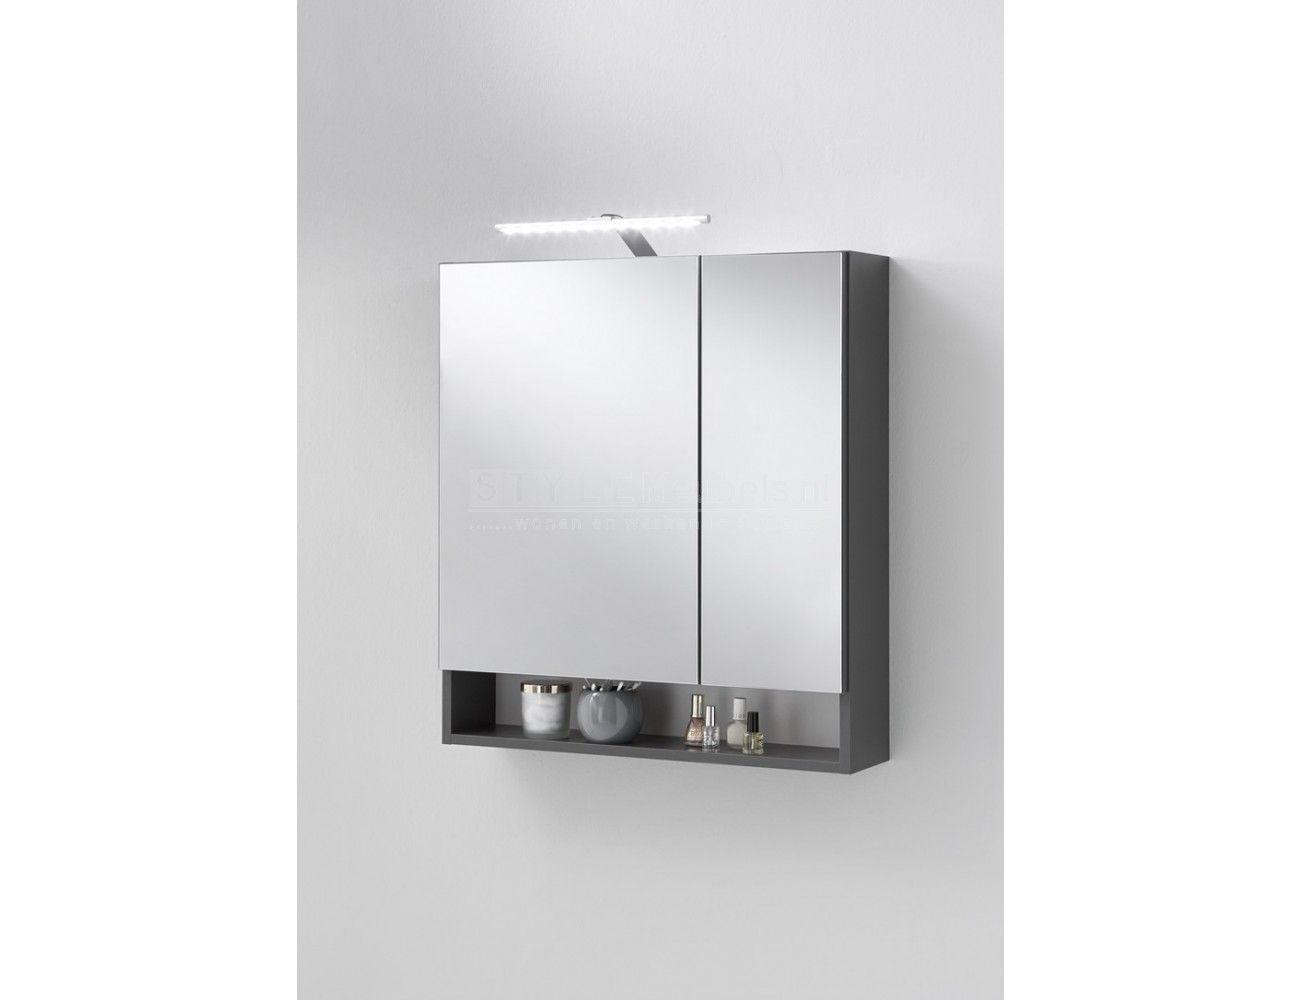 Badkamer spiegelkast nepal 5 in antraciet voor badkamerspullen ...